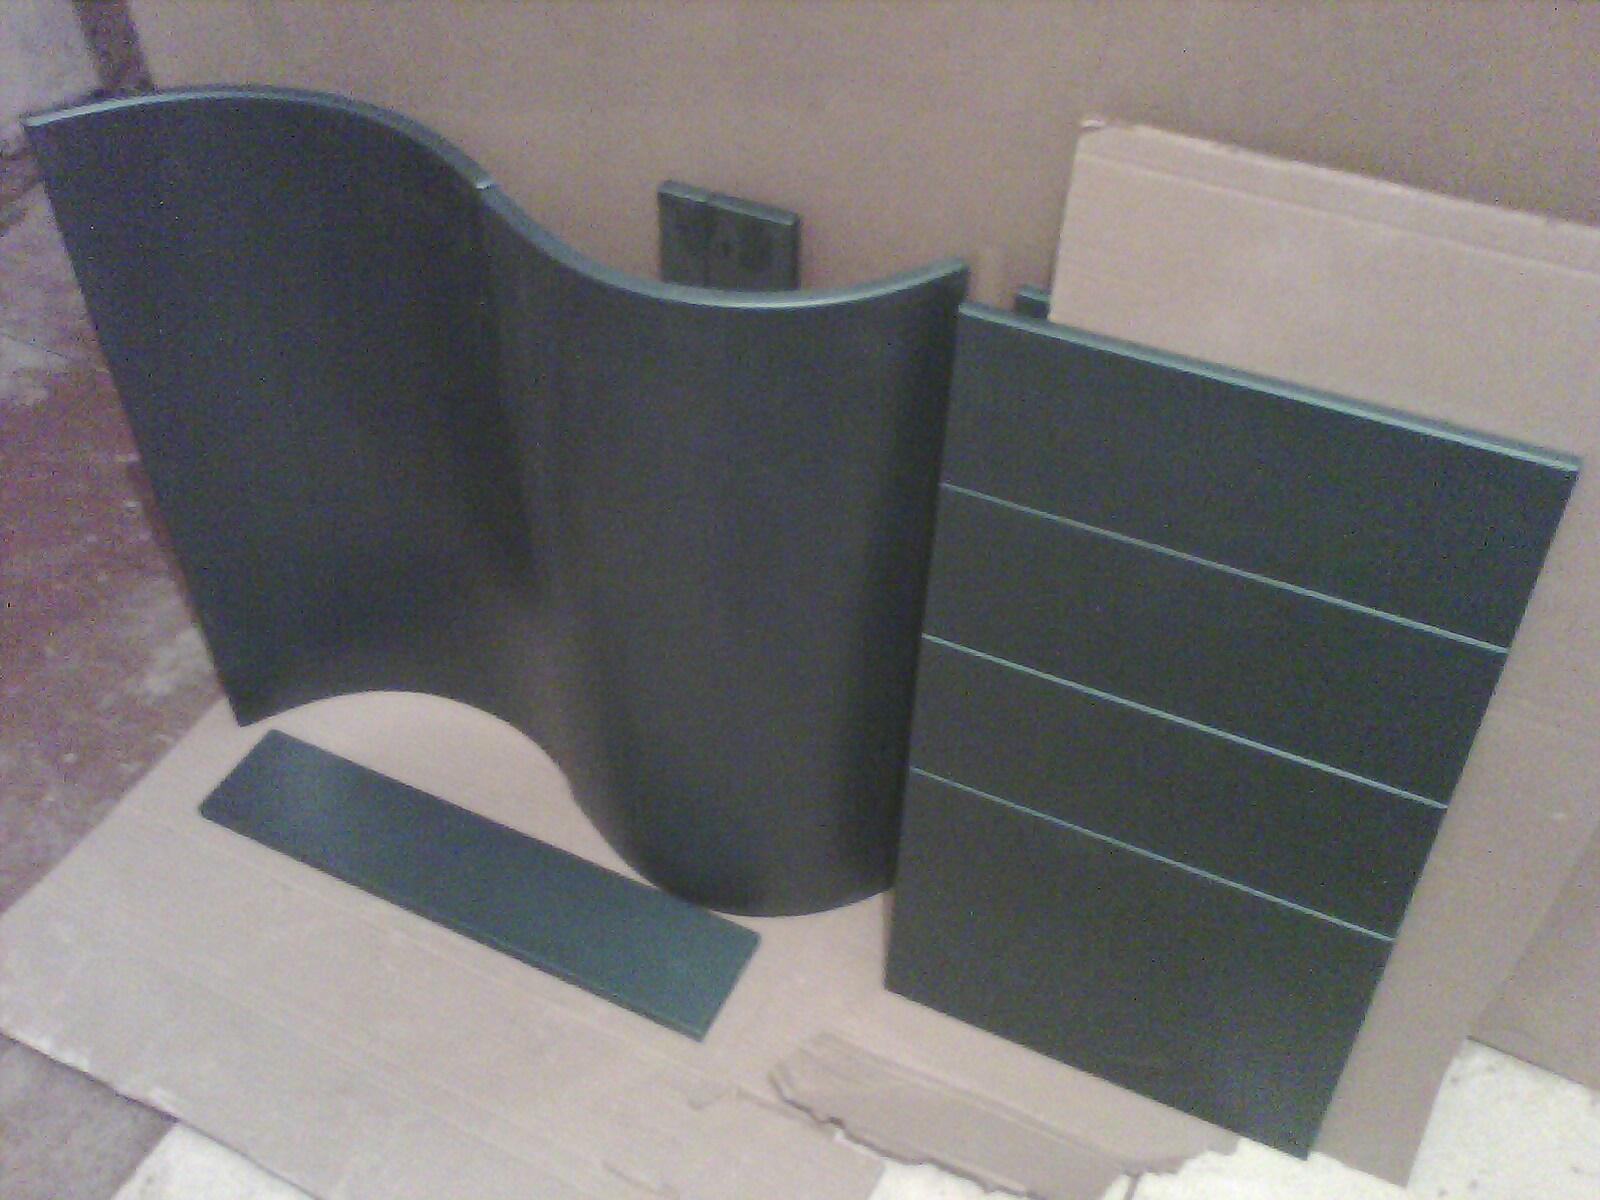 радиусные фасады изготовление покраска